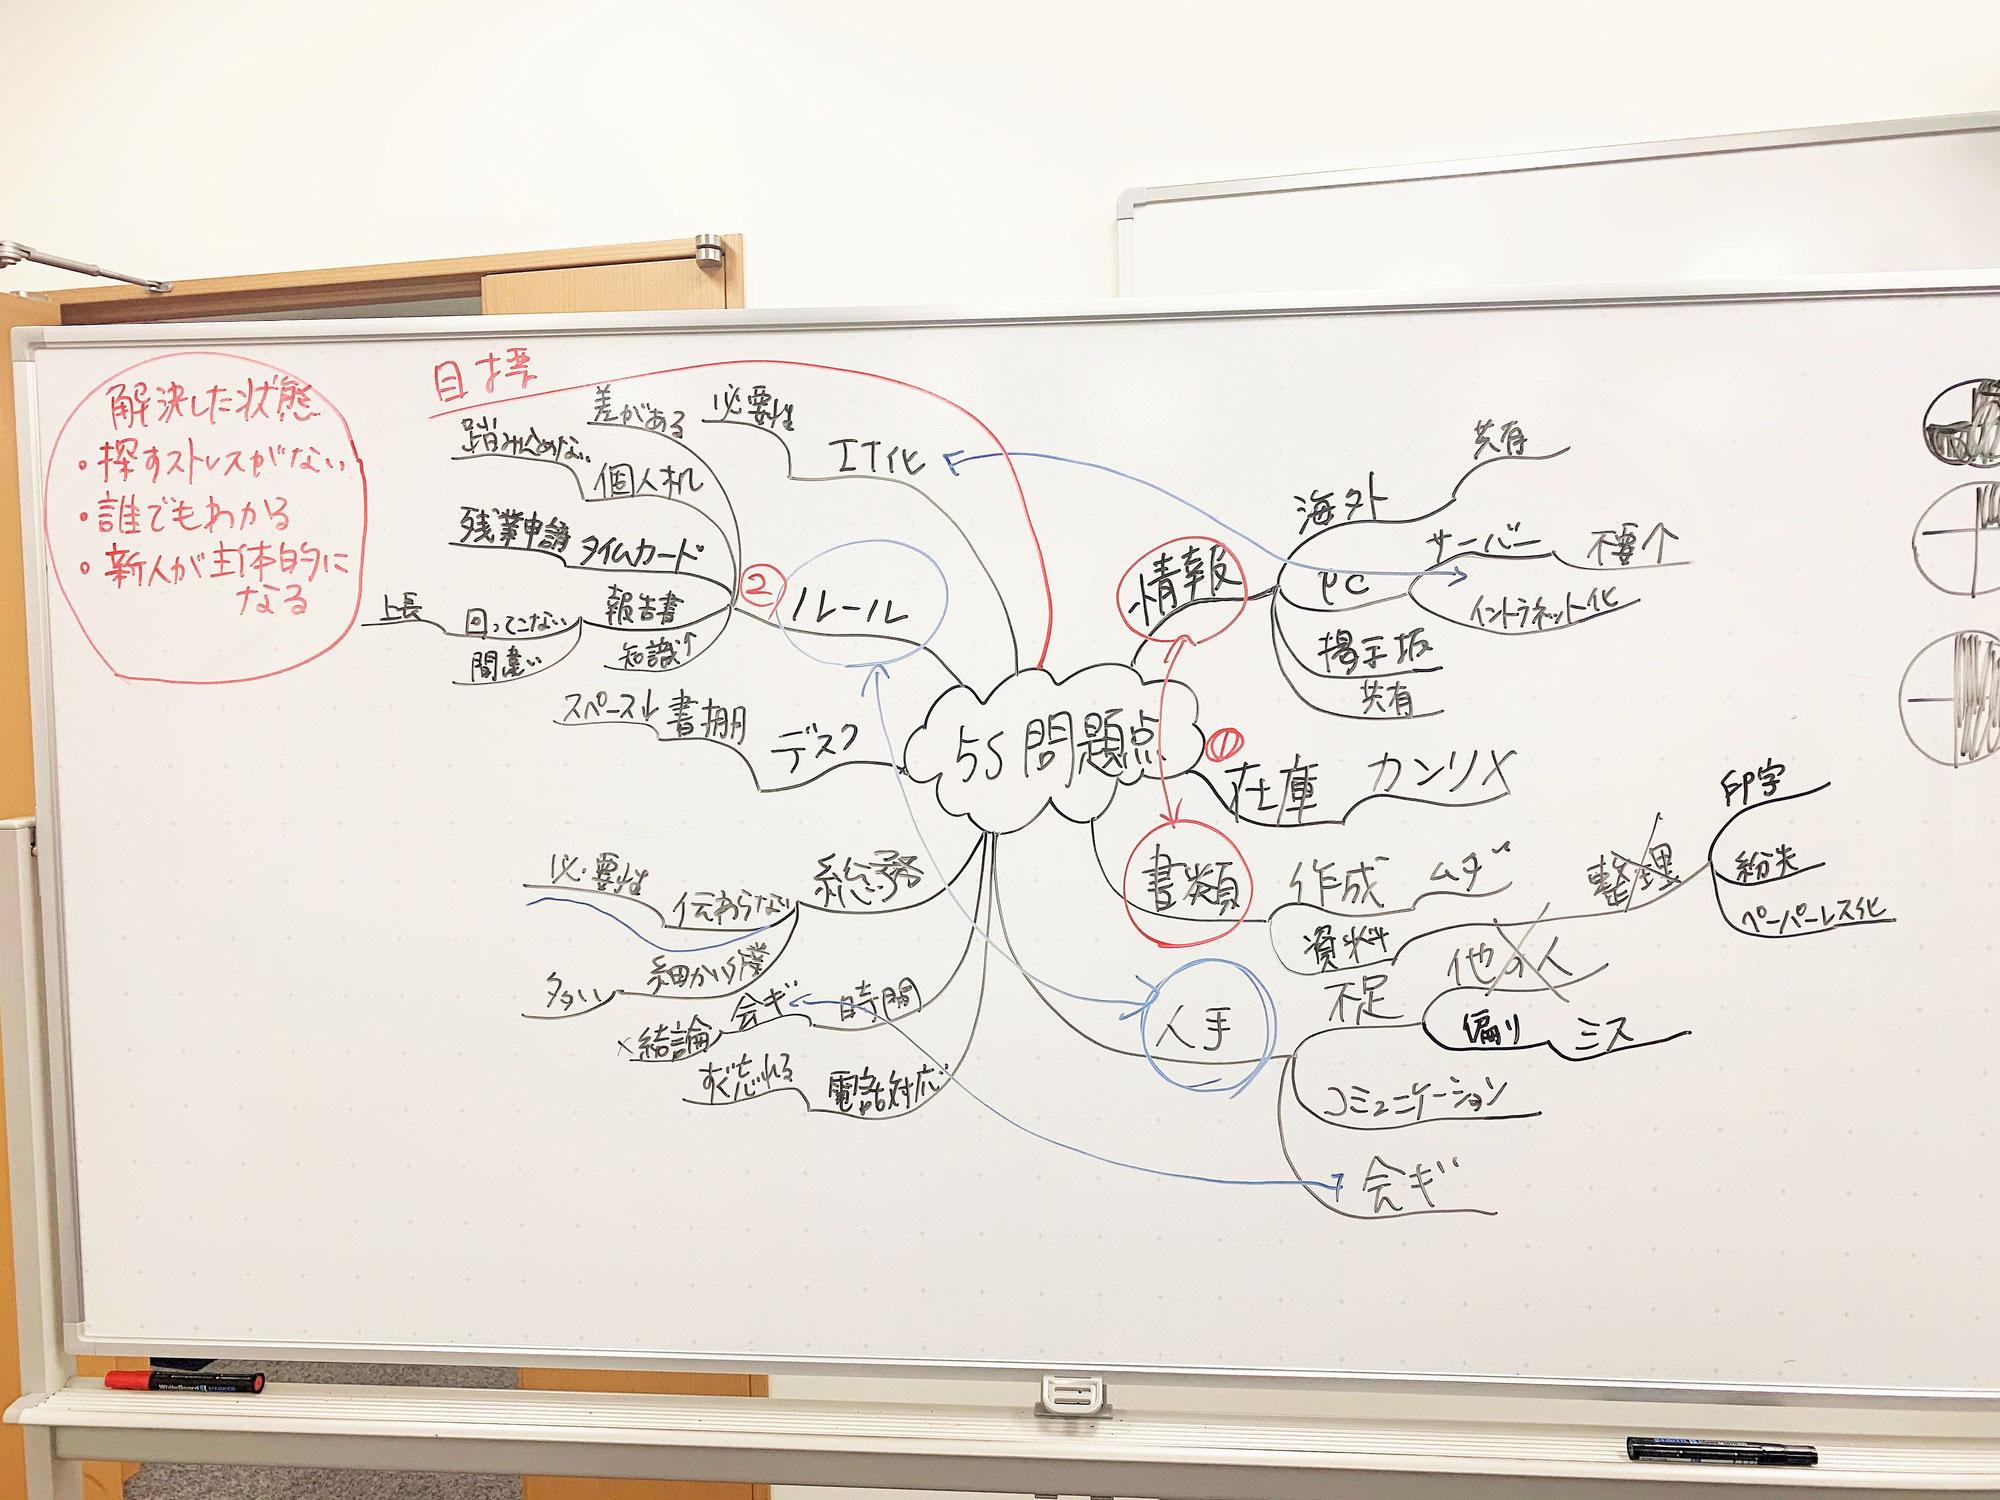 研修の中でマインドマップを活用しよう!